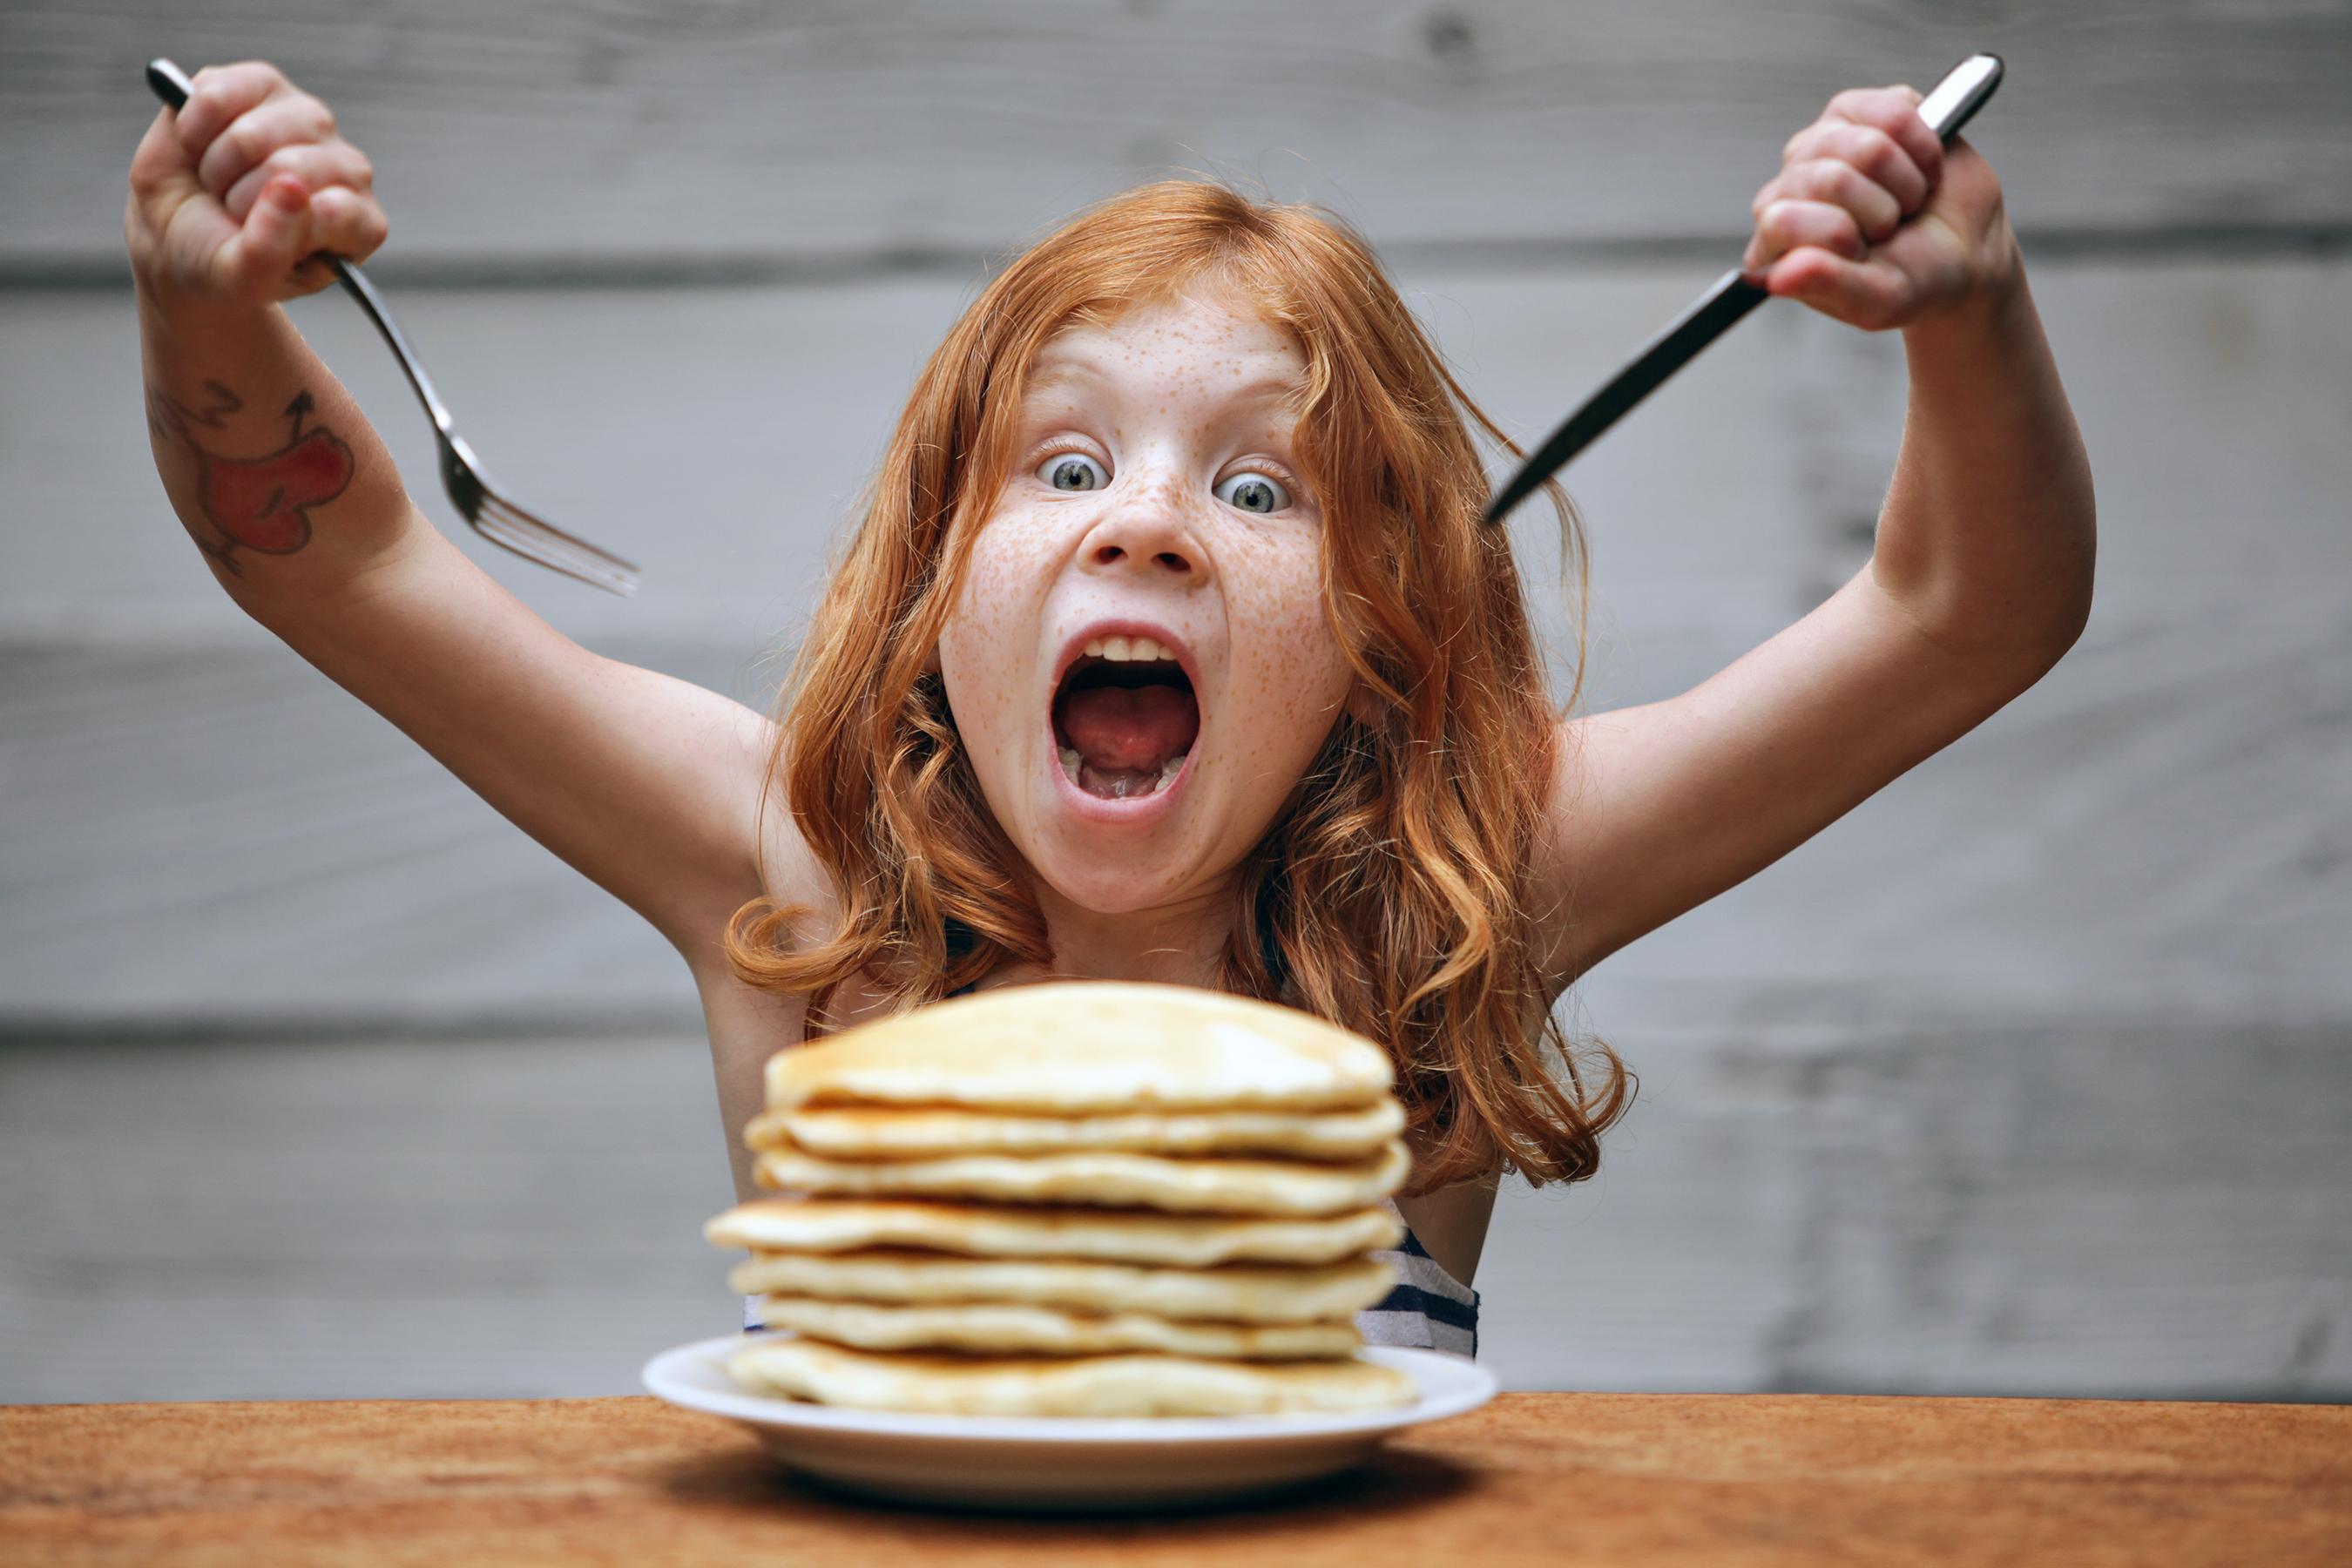 Смешные картинки где едят, прелесть картинках